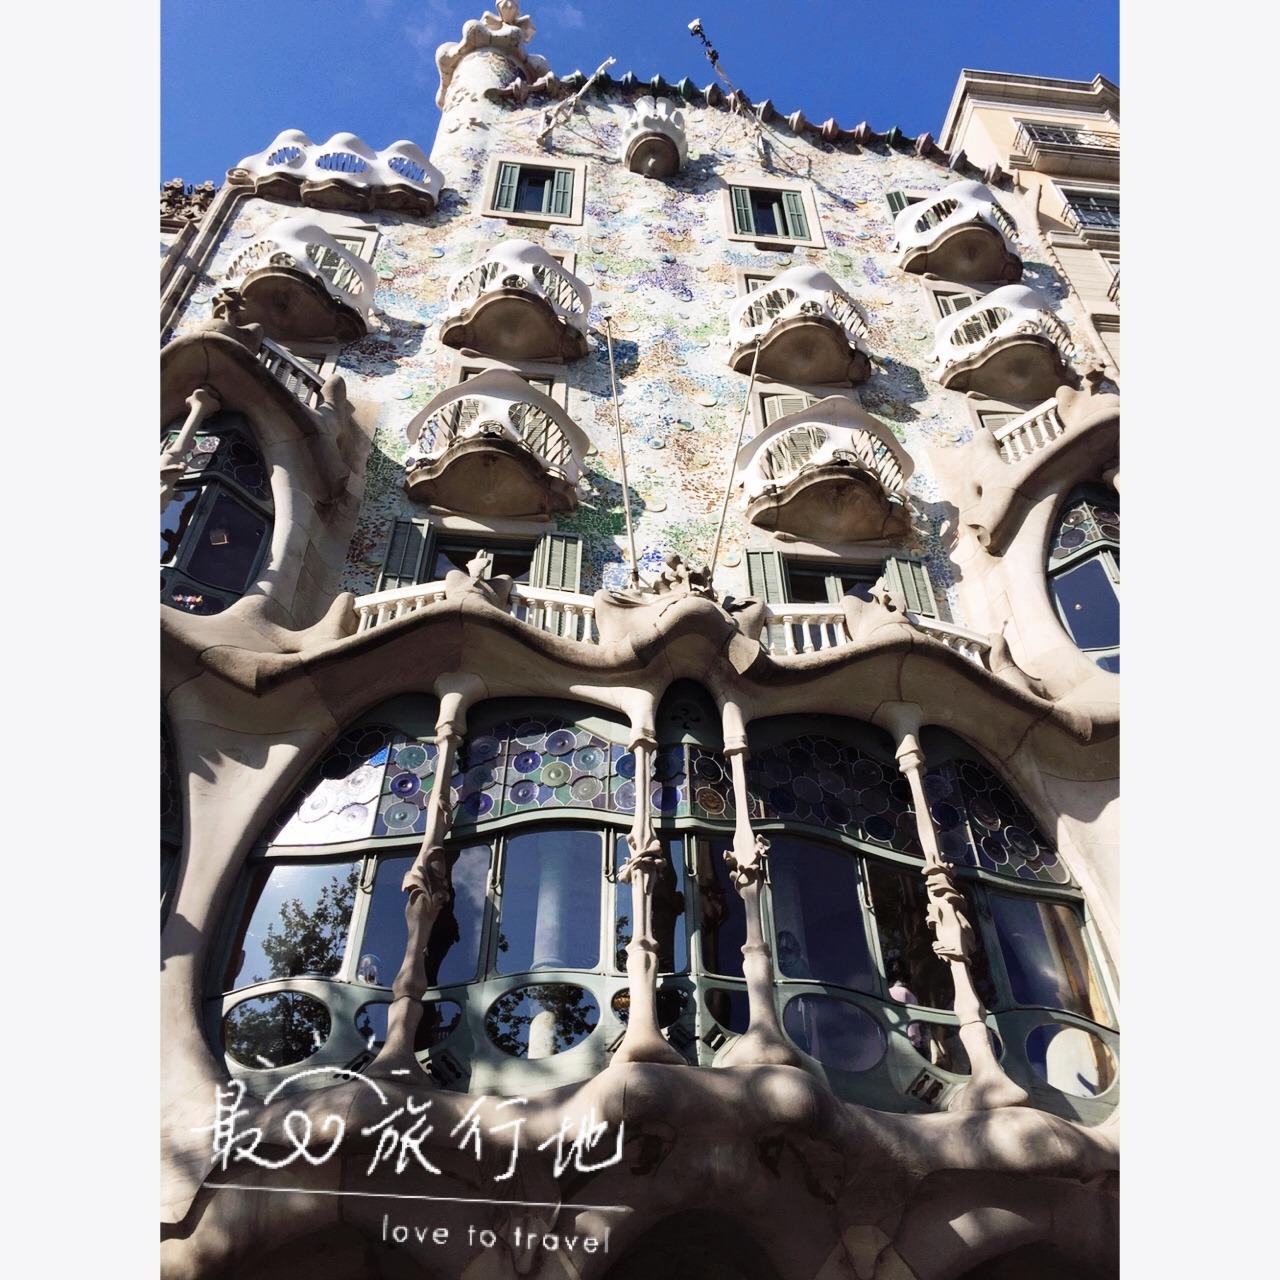 米拉之家_高迪 巴特罗之家_我们点的海鲜拼盘_怎么样_巴塞罗那简直是西班牙最棒的城市_圣家堂旅行_西班牙购物攻略-小红书